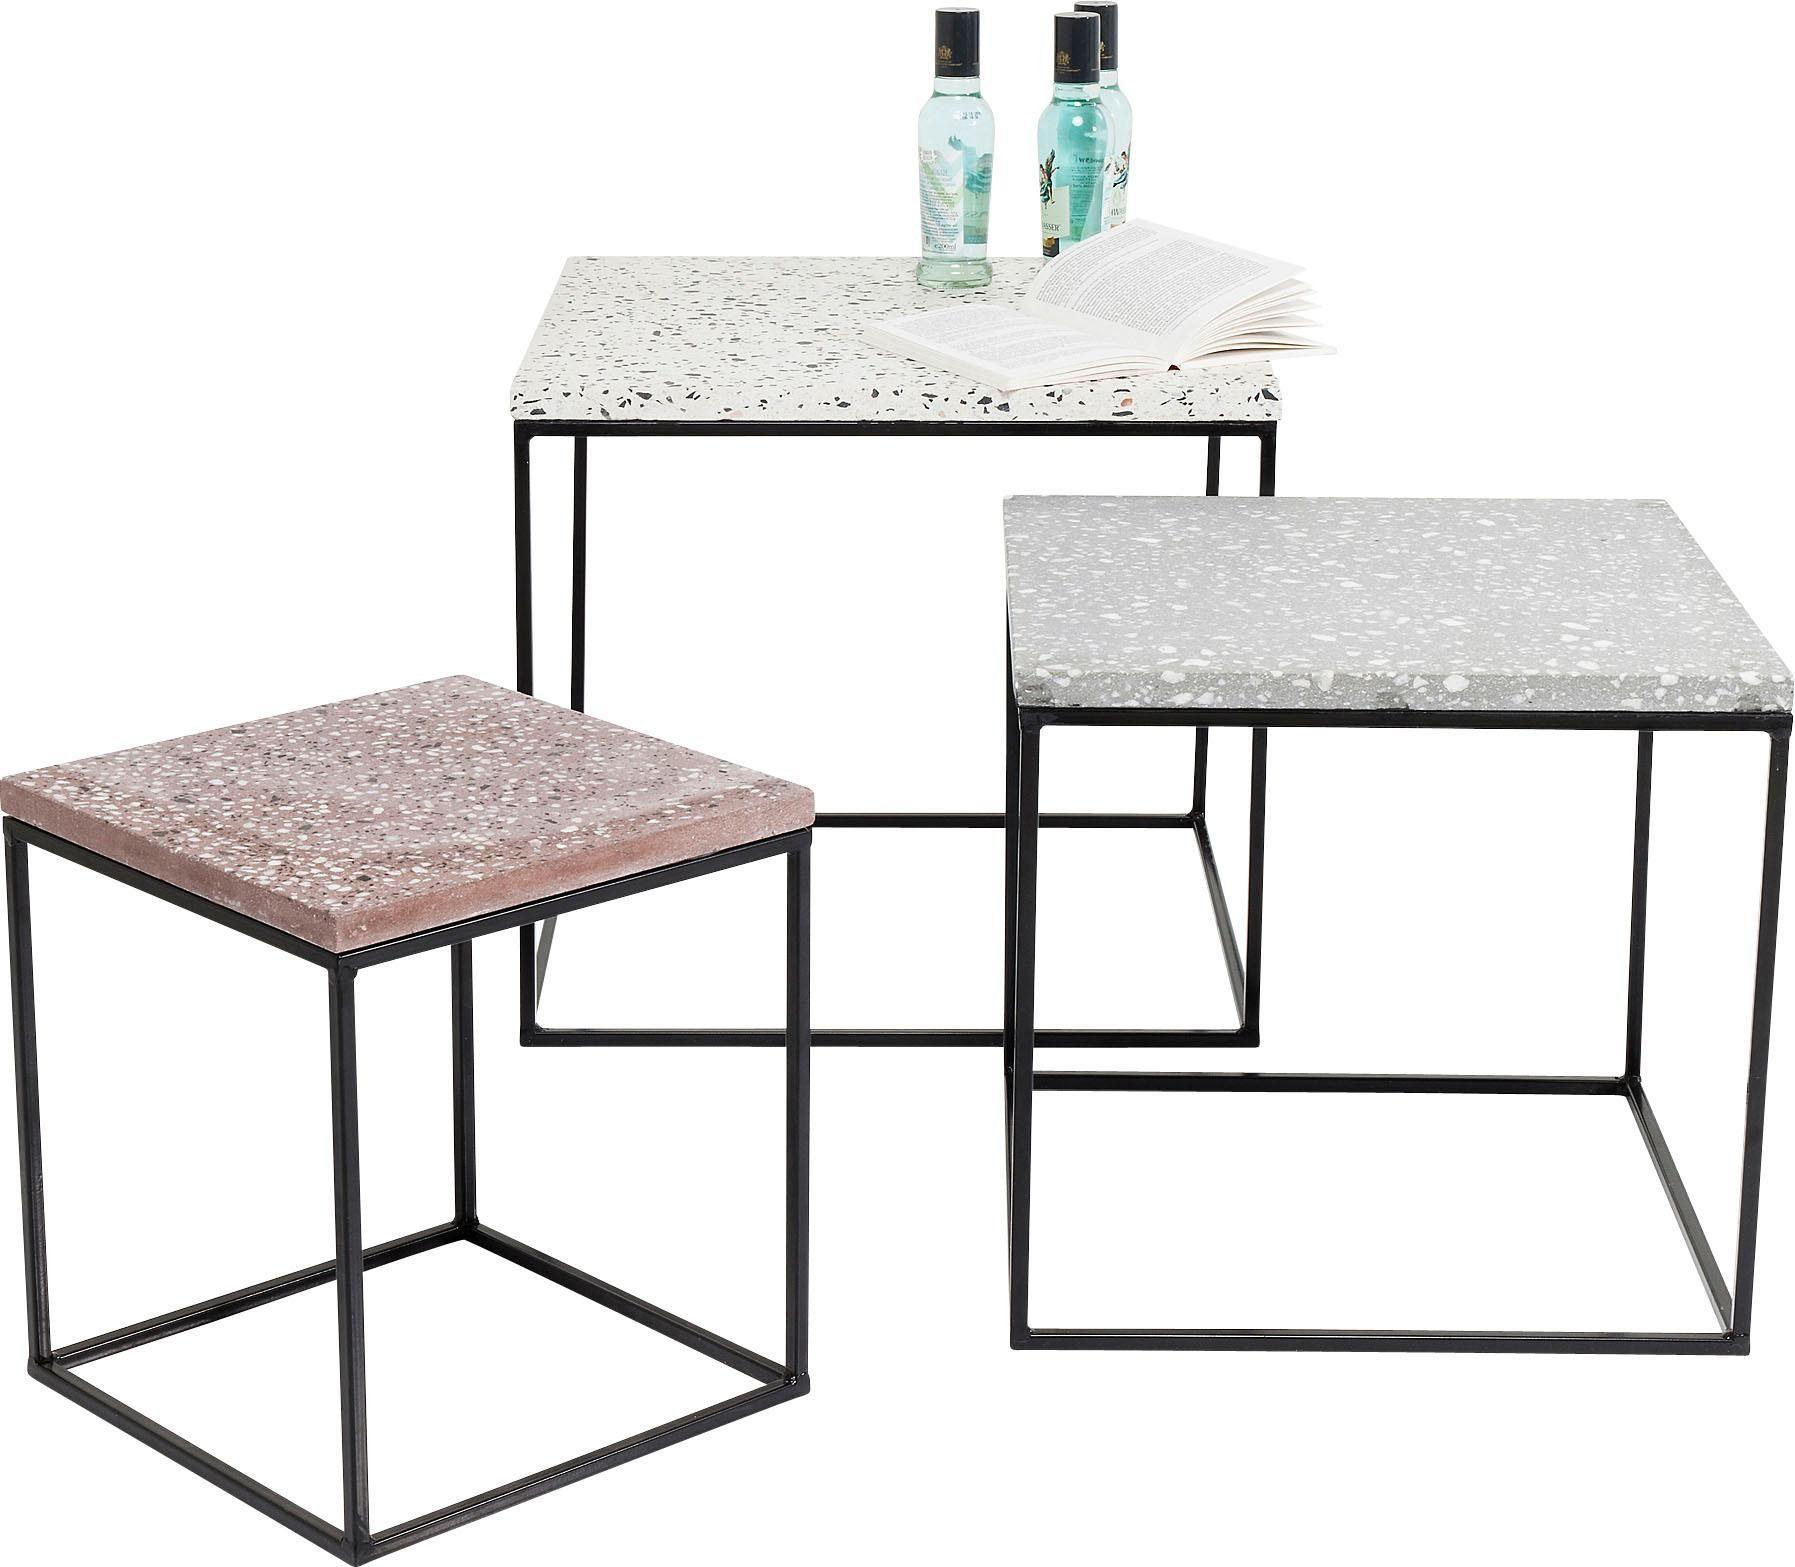 KARE Design Beistelltisch »Terrazzo« (3er-Set)